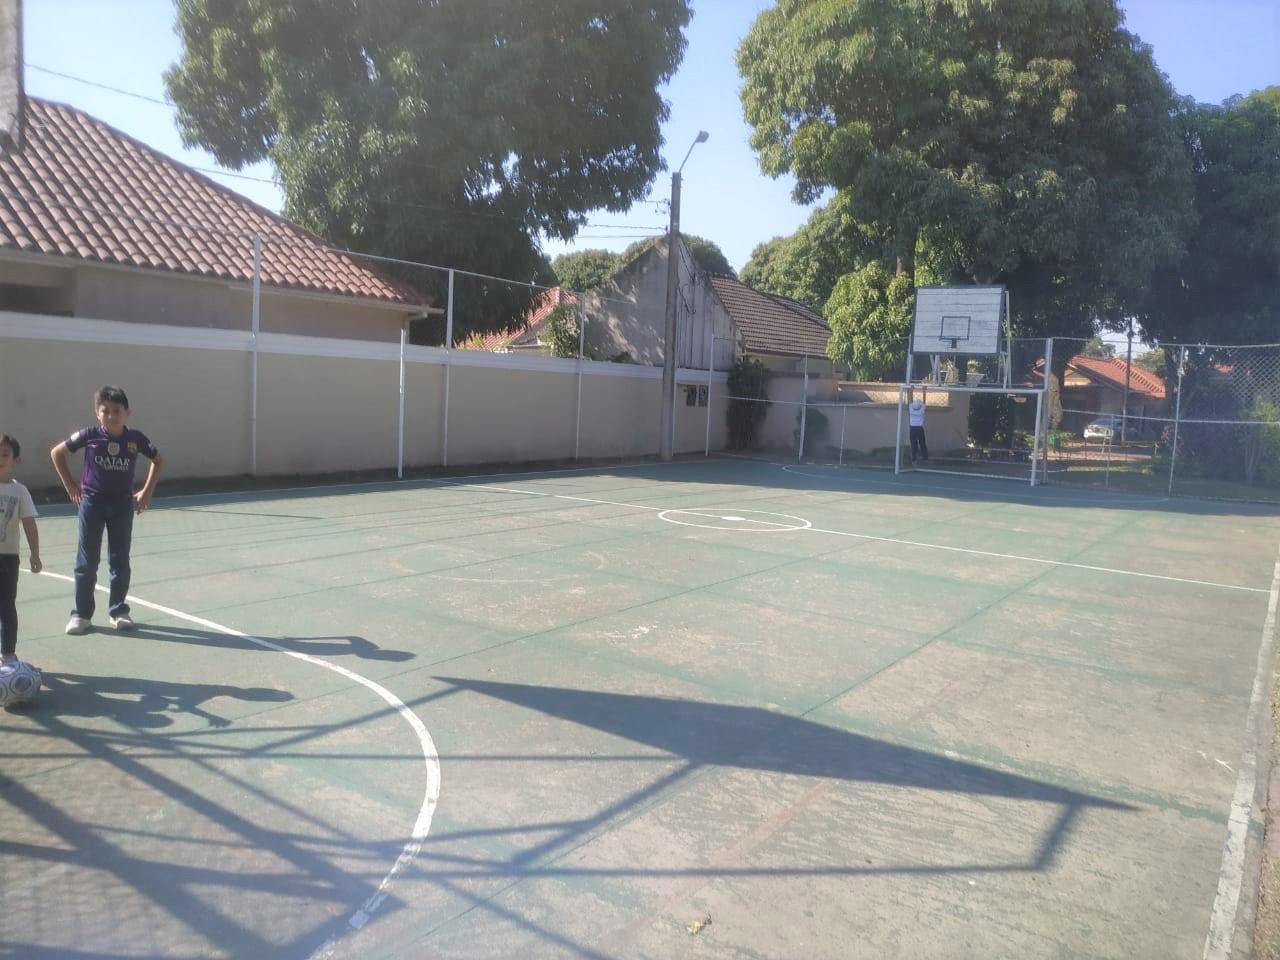 Casa en Alquiler COND LOS BOSQUES ENTRE 4TO  Y 5TO ANILLO RADIAL 26, CASA EN ALQUILER Foto 3